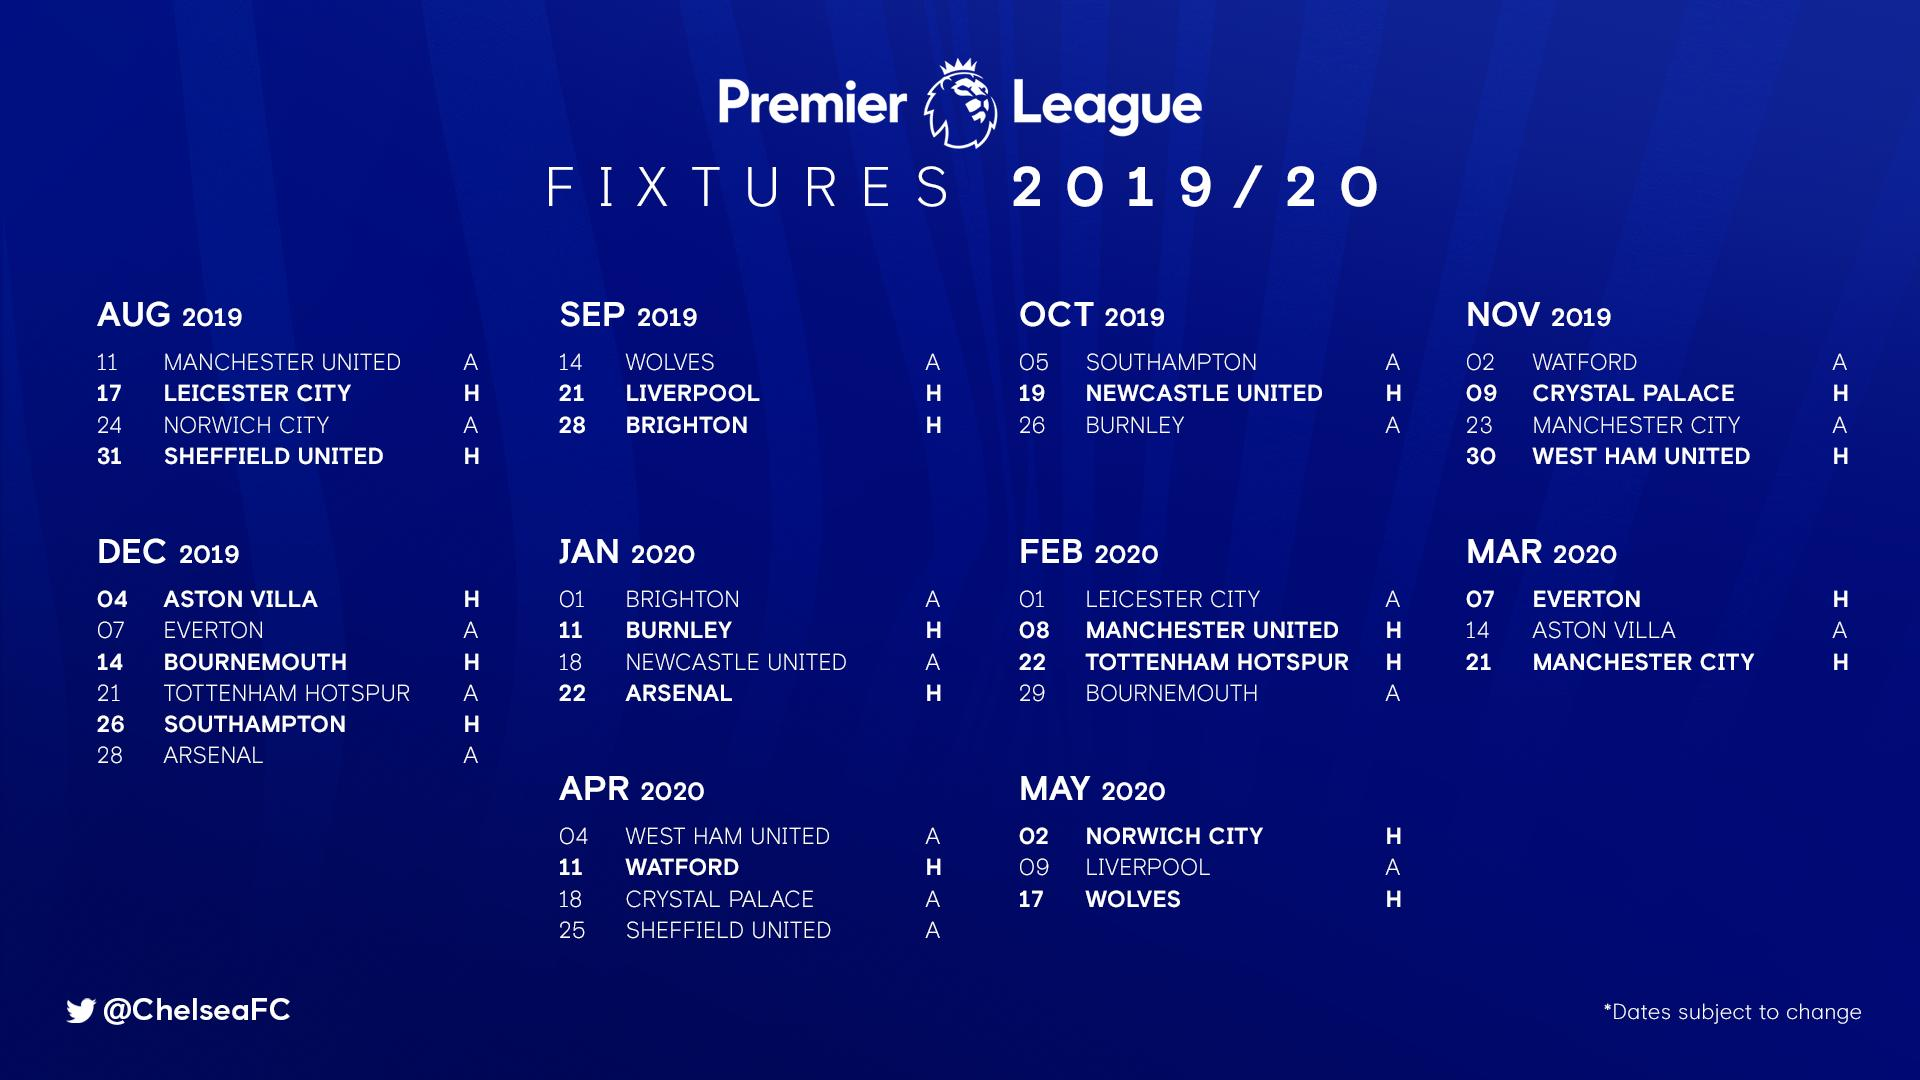 Premier League Calendario.Calendario Jogos Premier League 19 20 Chelsea Chelsea Fans